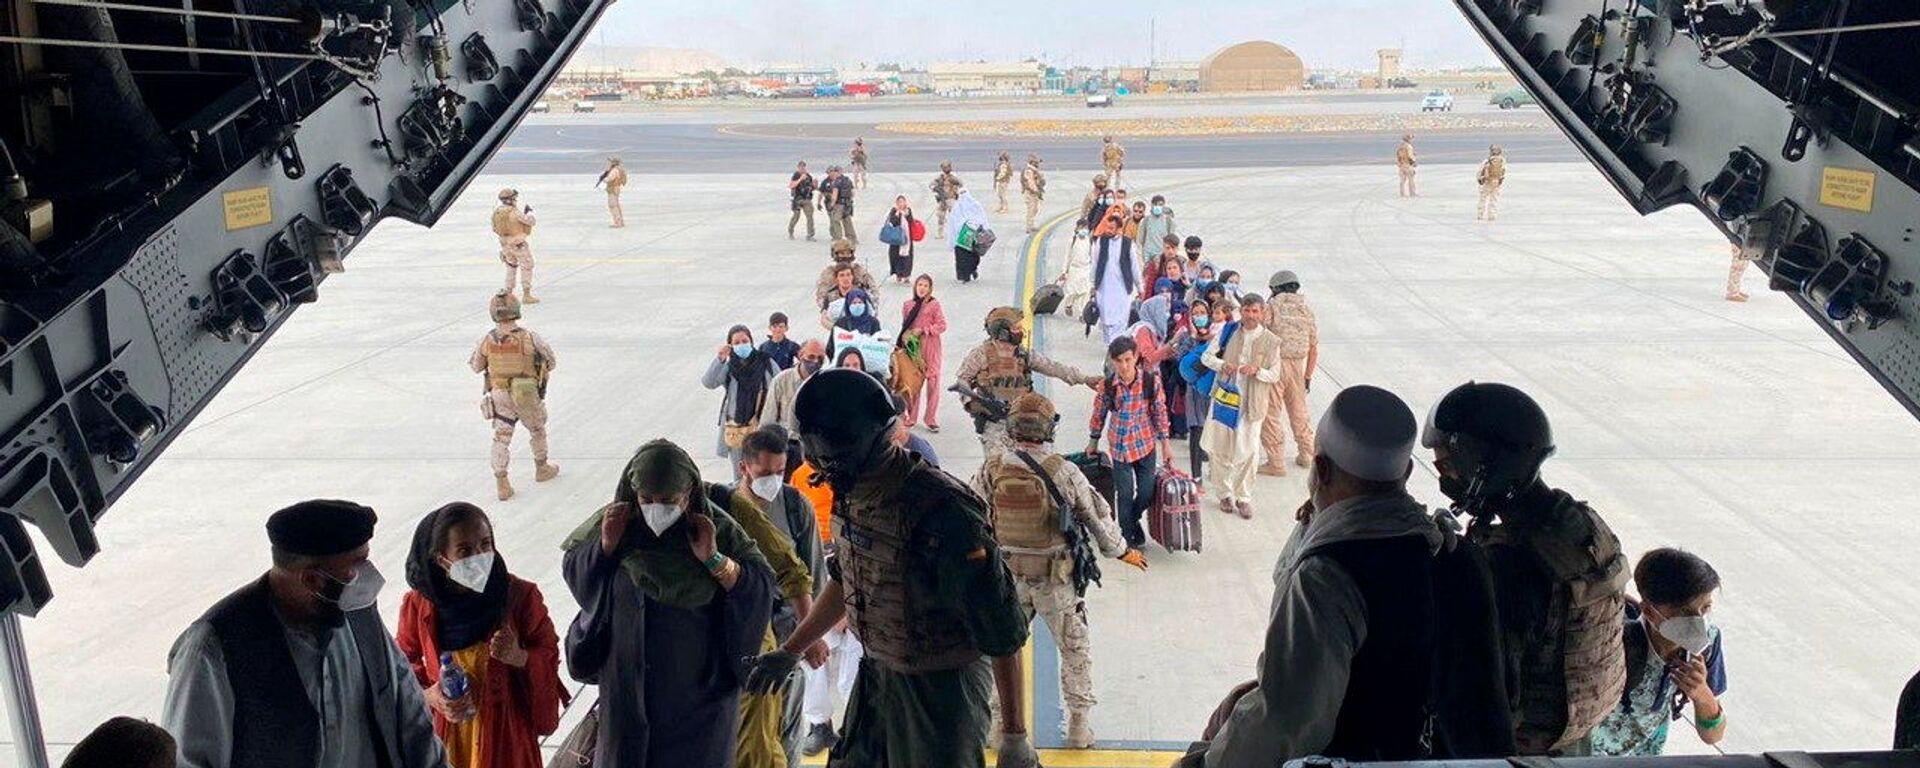 Граждане Испании и афганцы садятся в военный самолет в рамках эвакуации в международном аэропорту Хамида Карзая в Кабуле - Sputnik Узбекистан, 1920, 22.08.2021